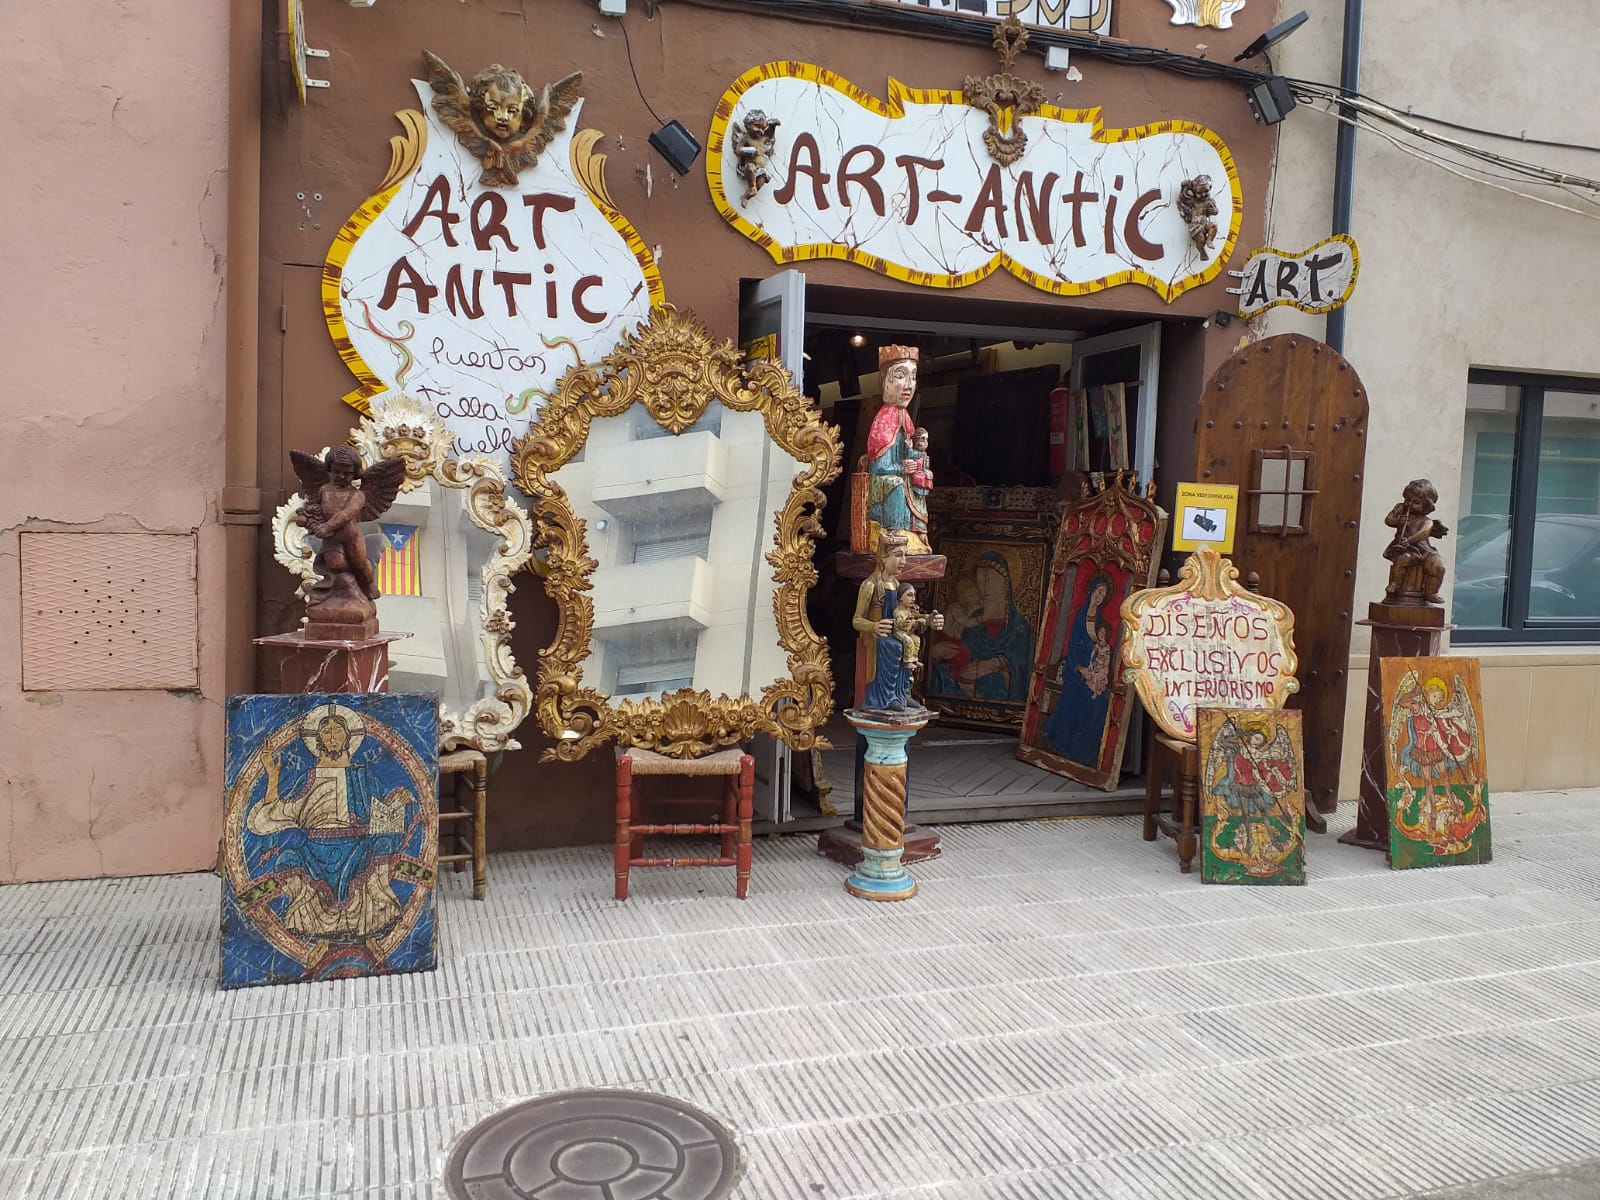 TIENDAS ONLINE DE ART ANTIC